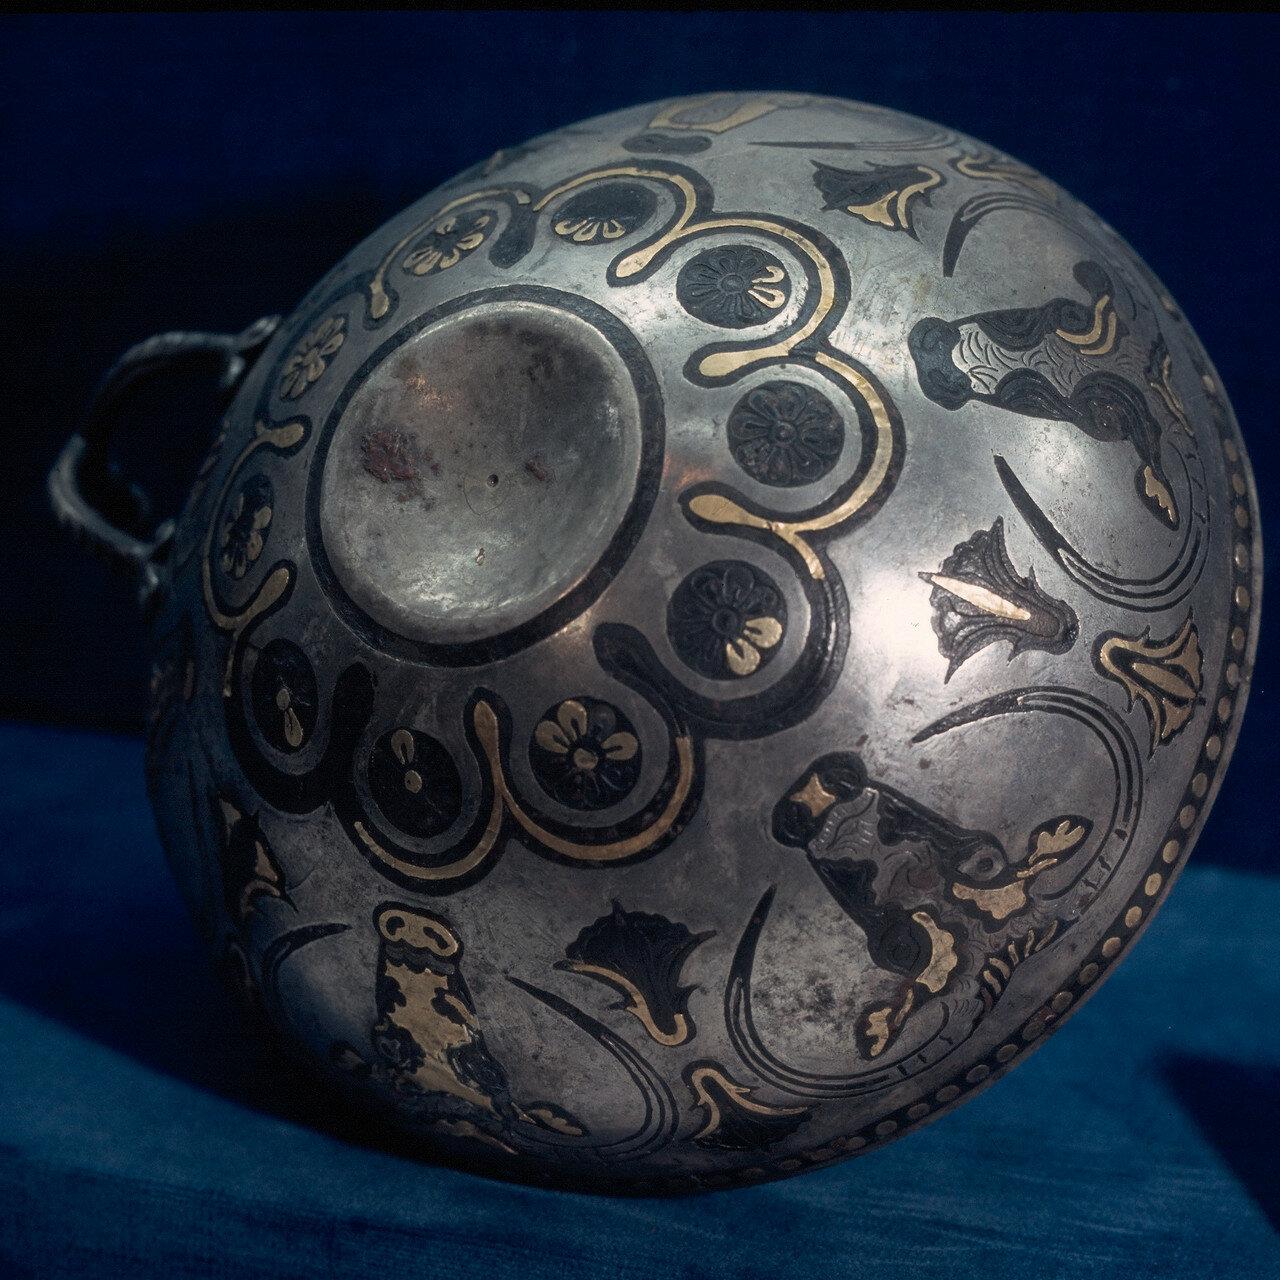 Микенская серебряная чаша с золотом и чернью из Энкоми, диаметр 16 см. XIV в. до н.э.